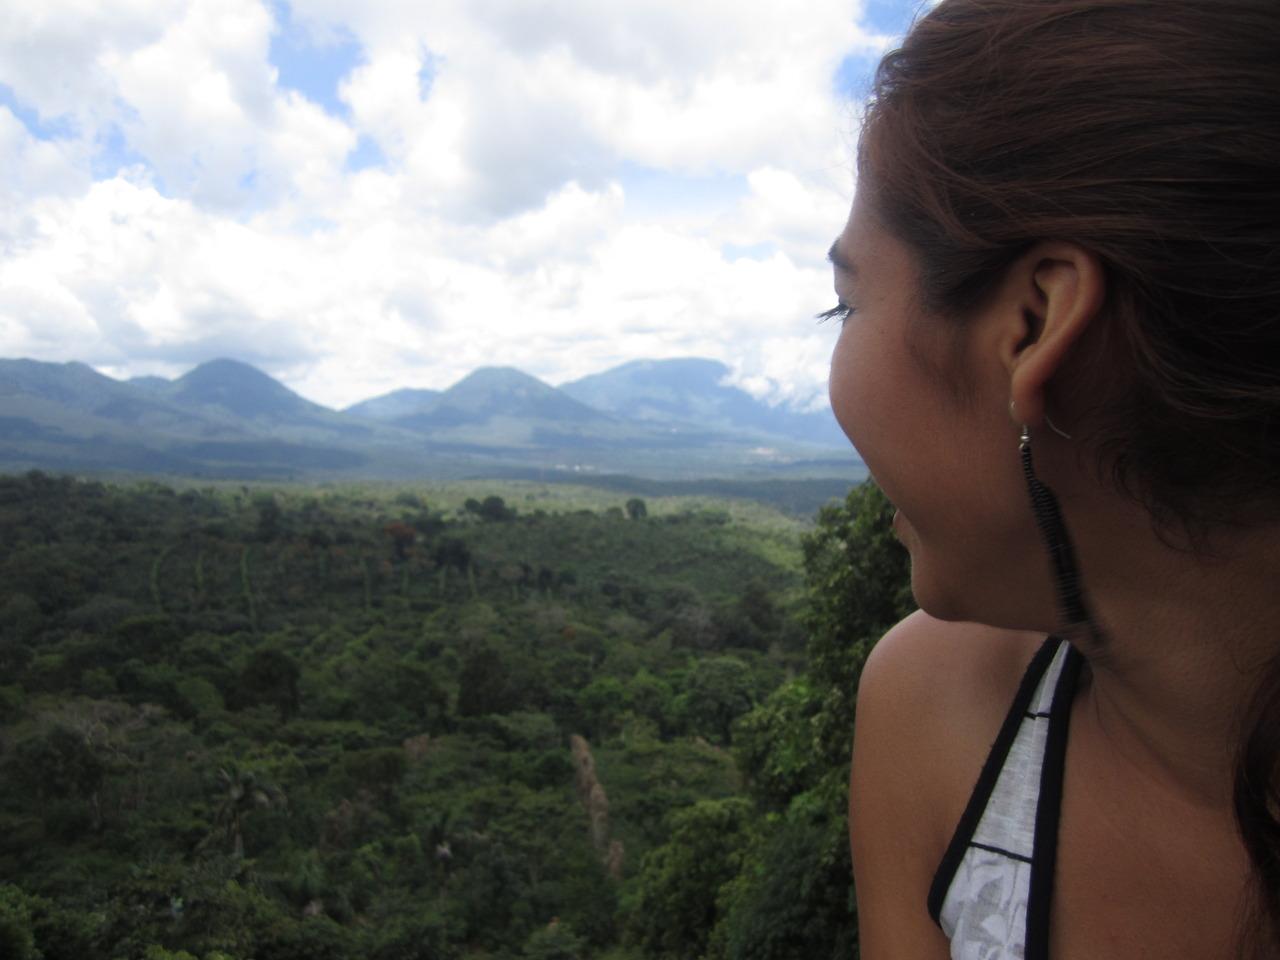 Nonací en El Salvador, pero quiero a esta tierra como que si fuera nativa de aqui. La connection a estas tierras es bien fuerte. Es un lugar lindo que me llena de emociones. Quisas haiga nacido en los Estados Unidos, pero mis raices no son de alli. Son de aca, y por eso orgullosamente me identifico como Salvadoreña.